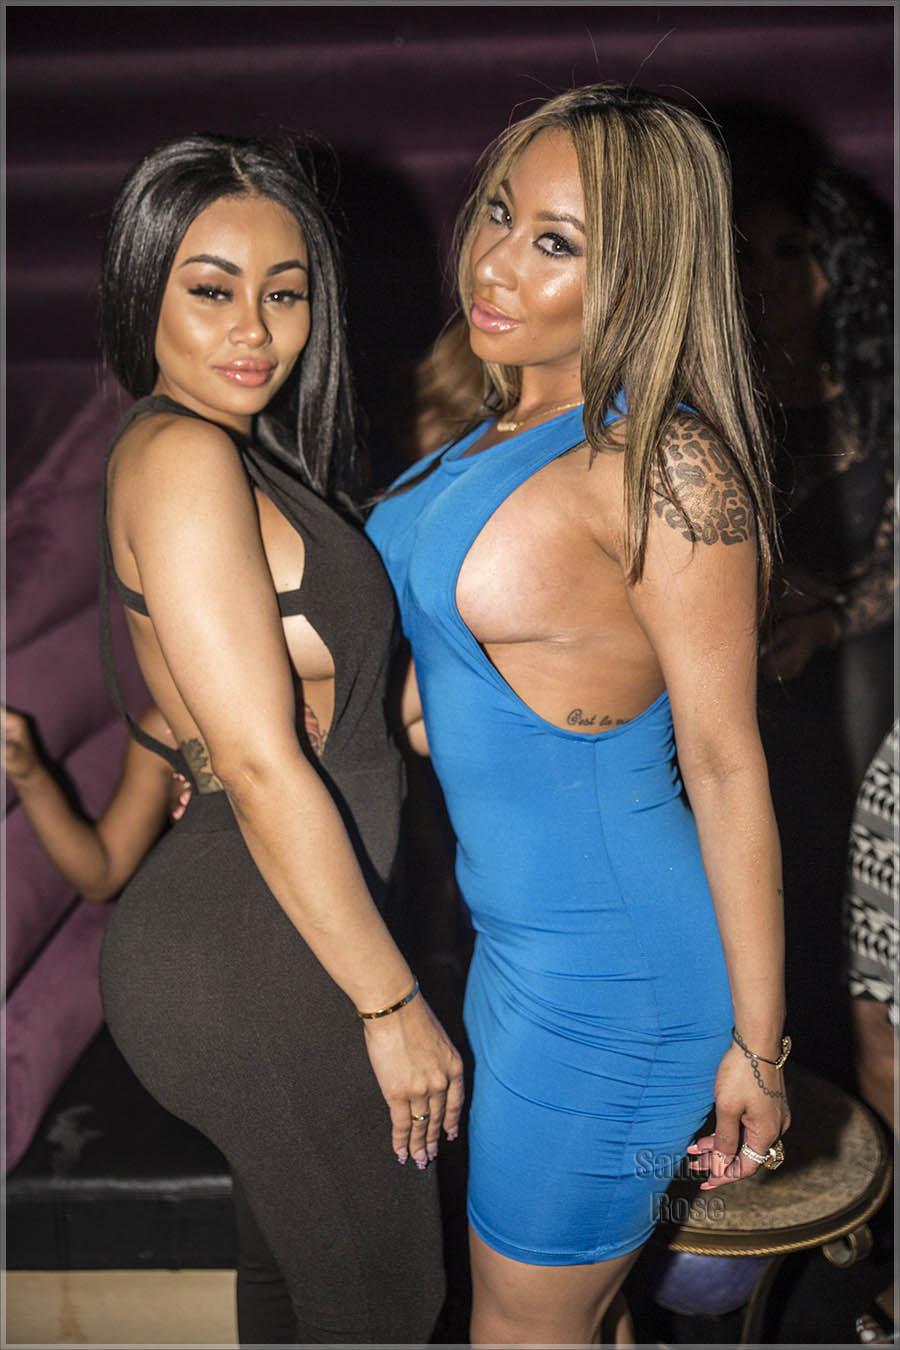 Blac Chyna and Hazel E